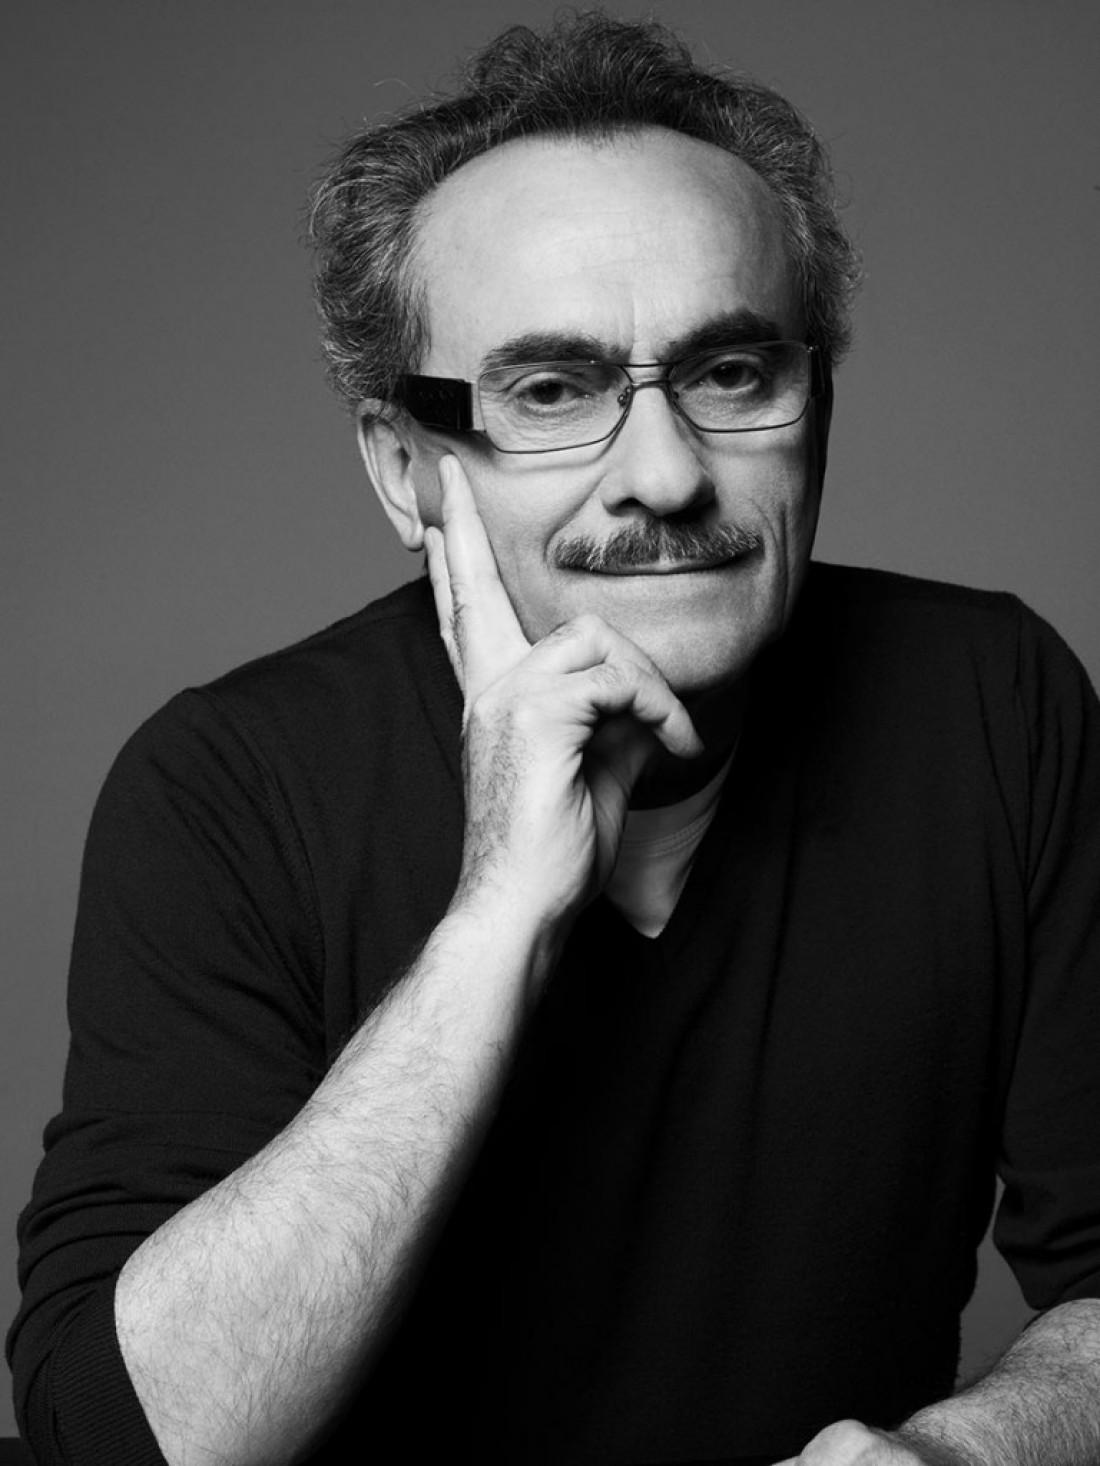 Умер дизайнер Анджело Марани